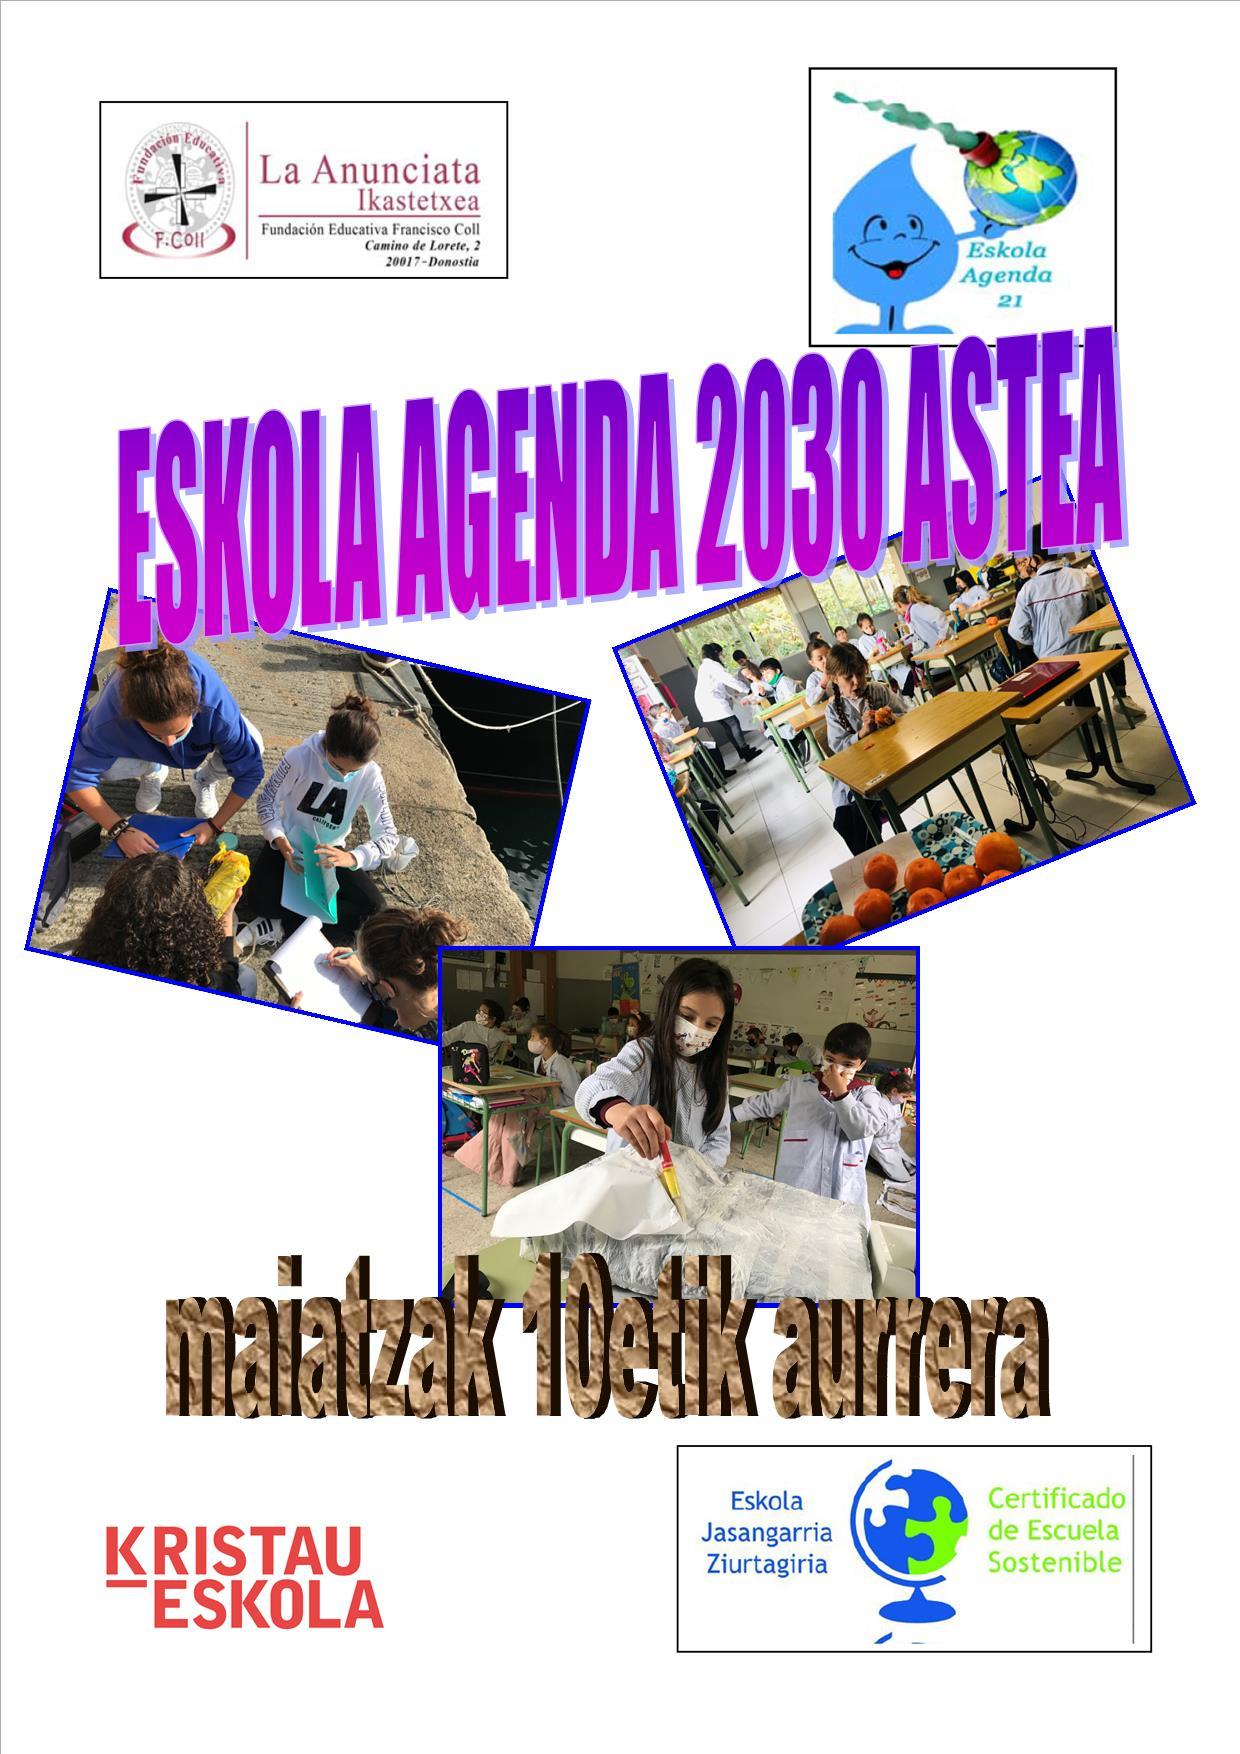 Eskola Agenda 2030 astea